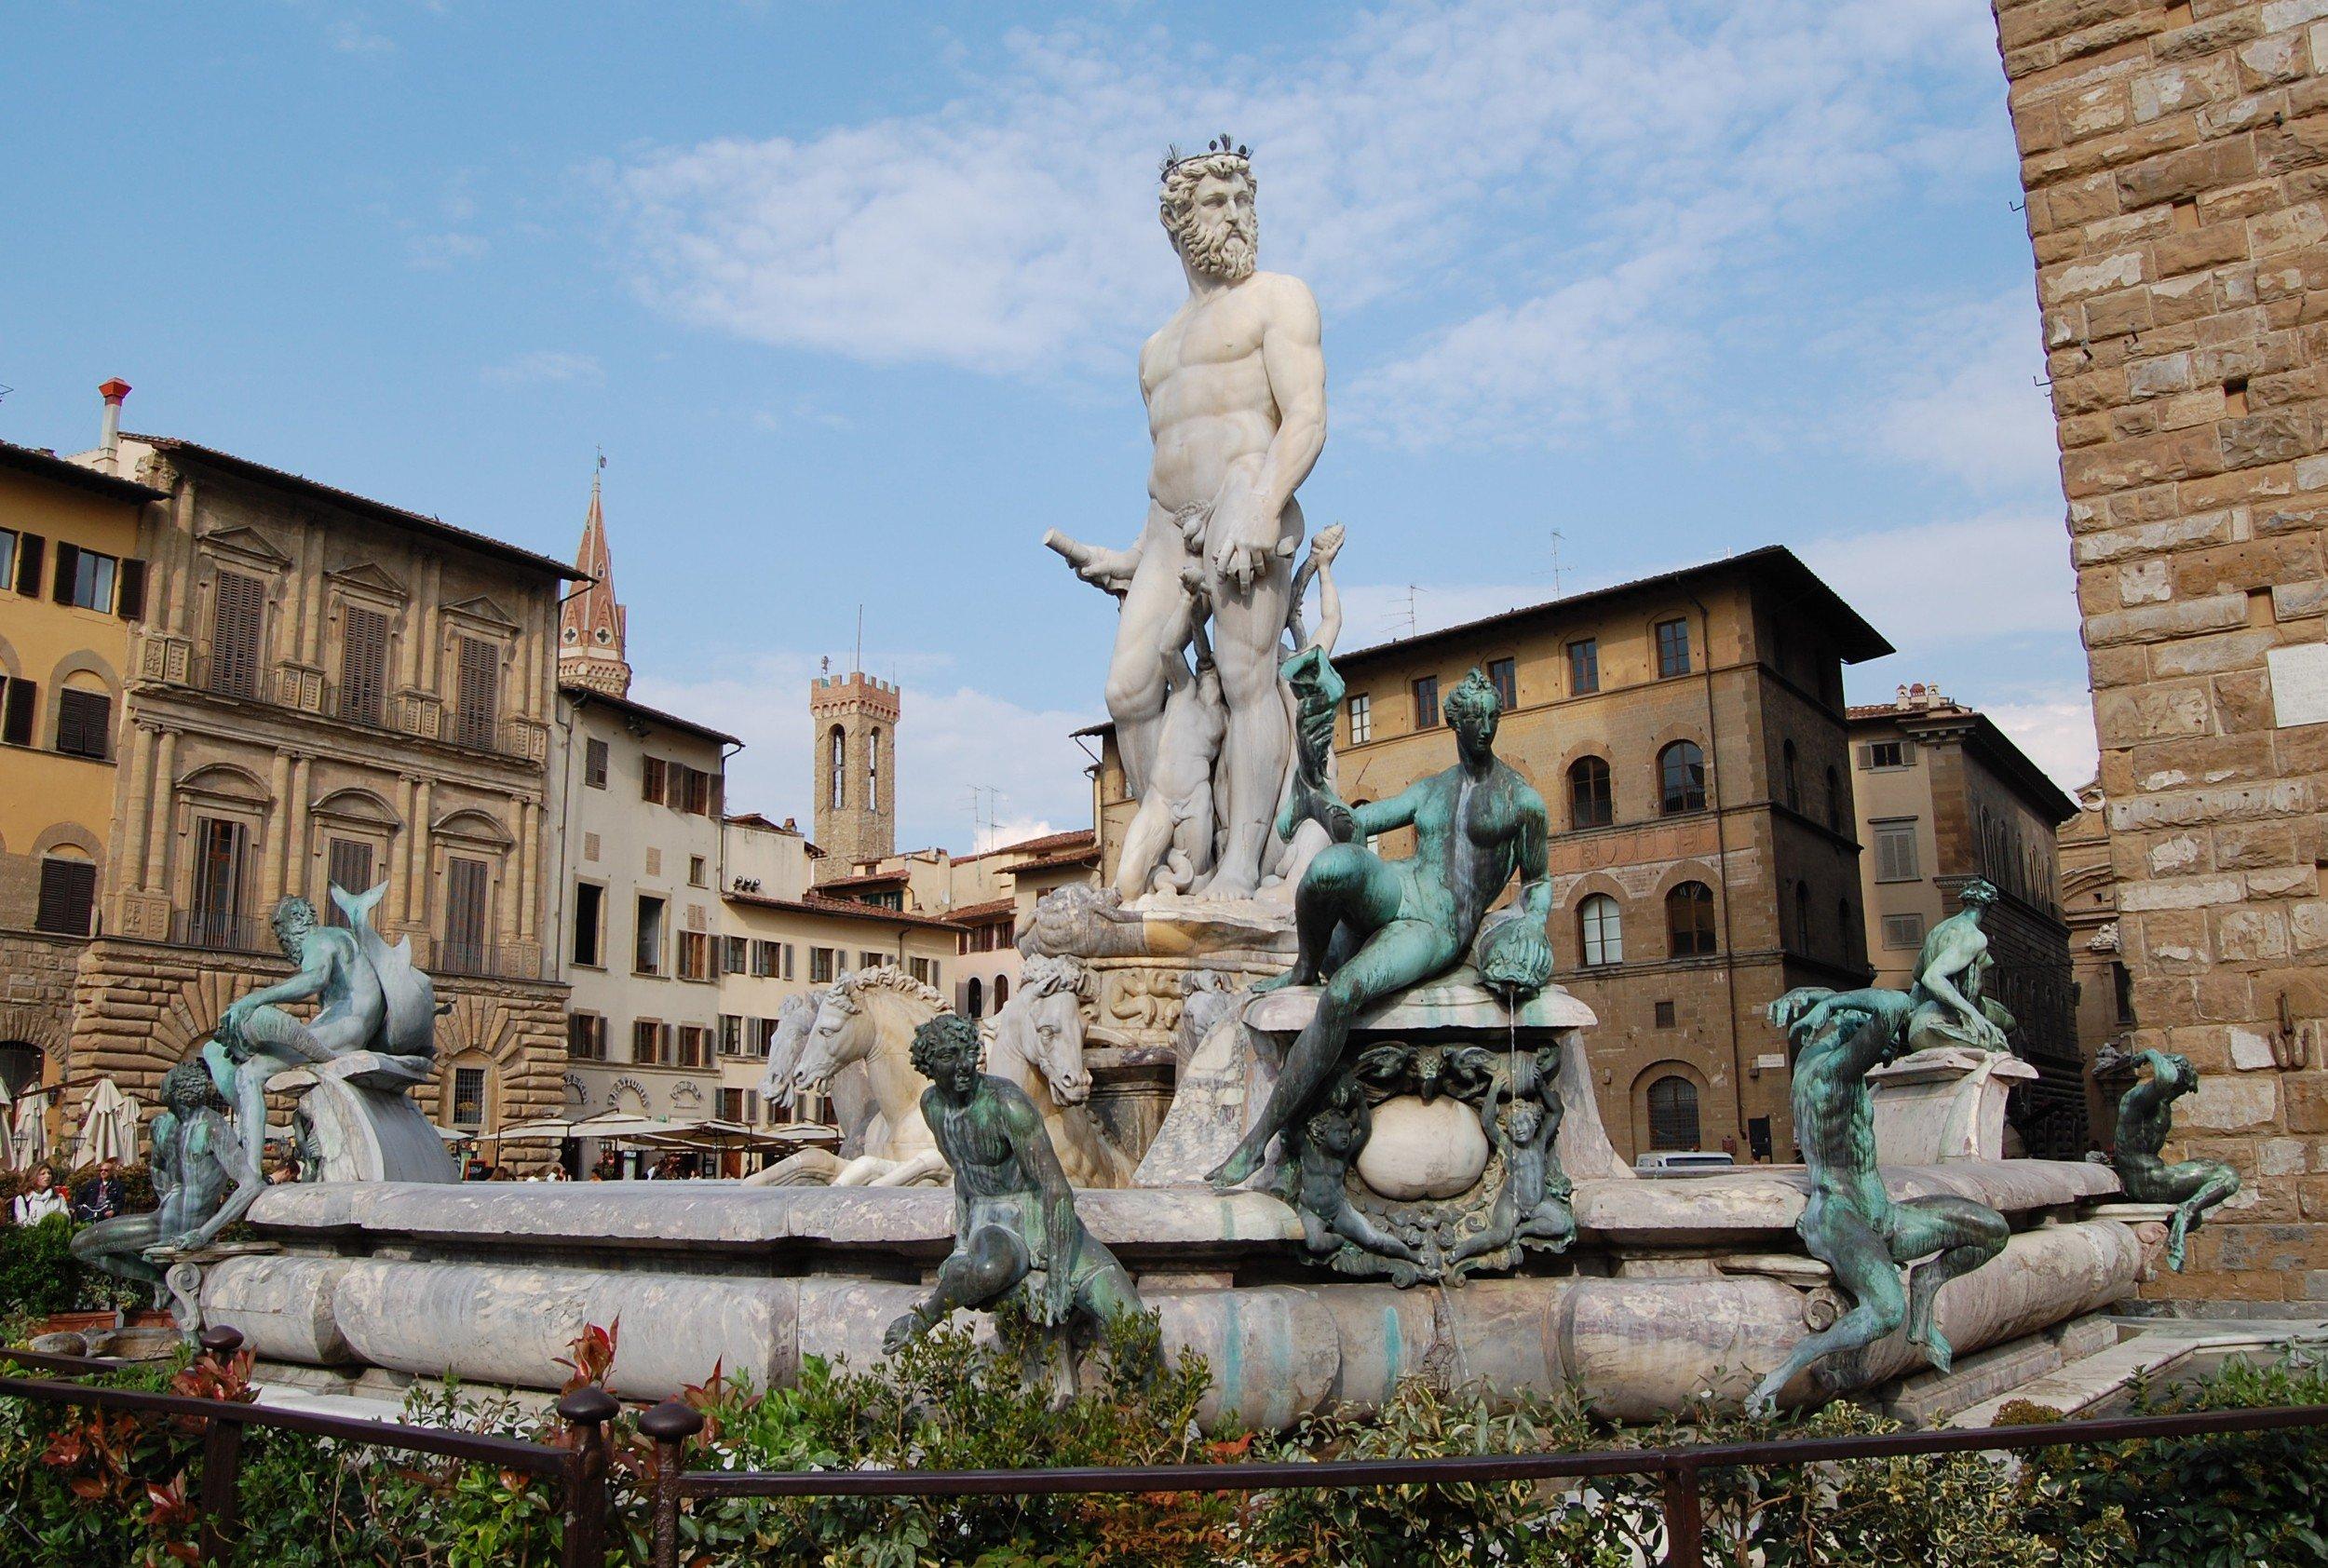 piazza in florences best neighborhoods